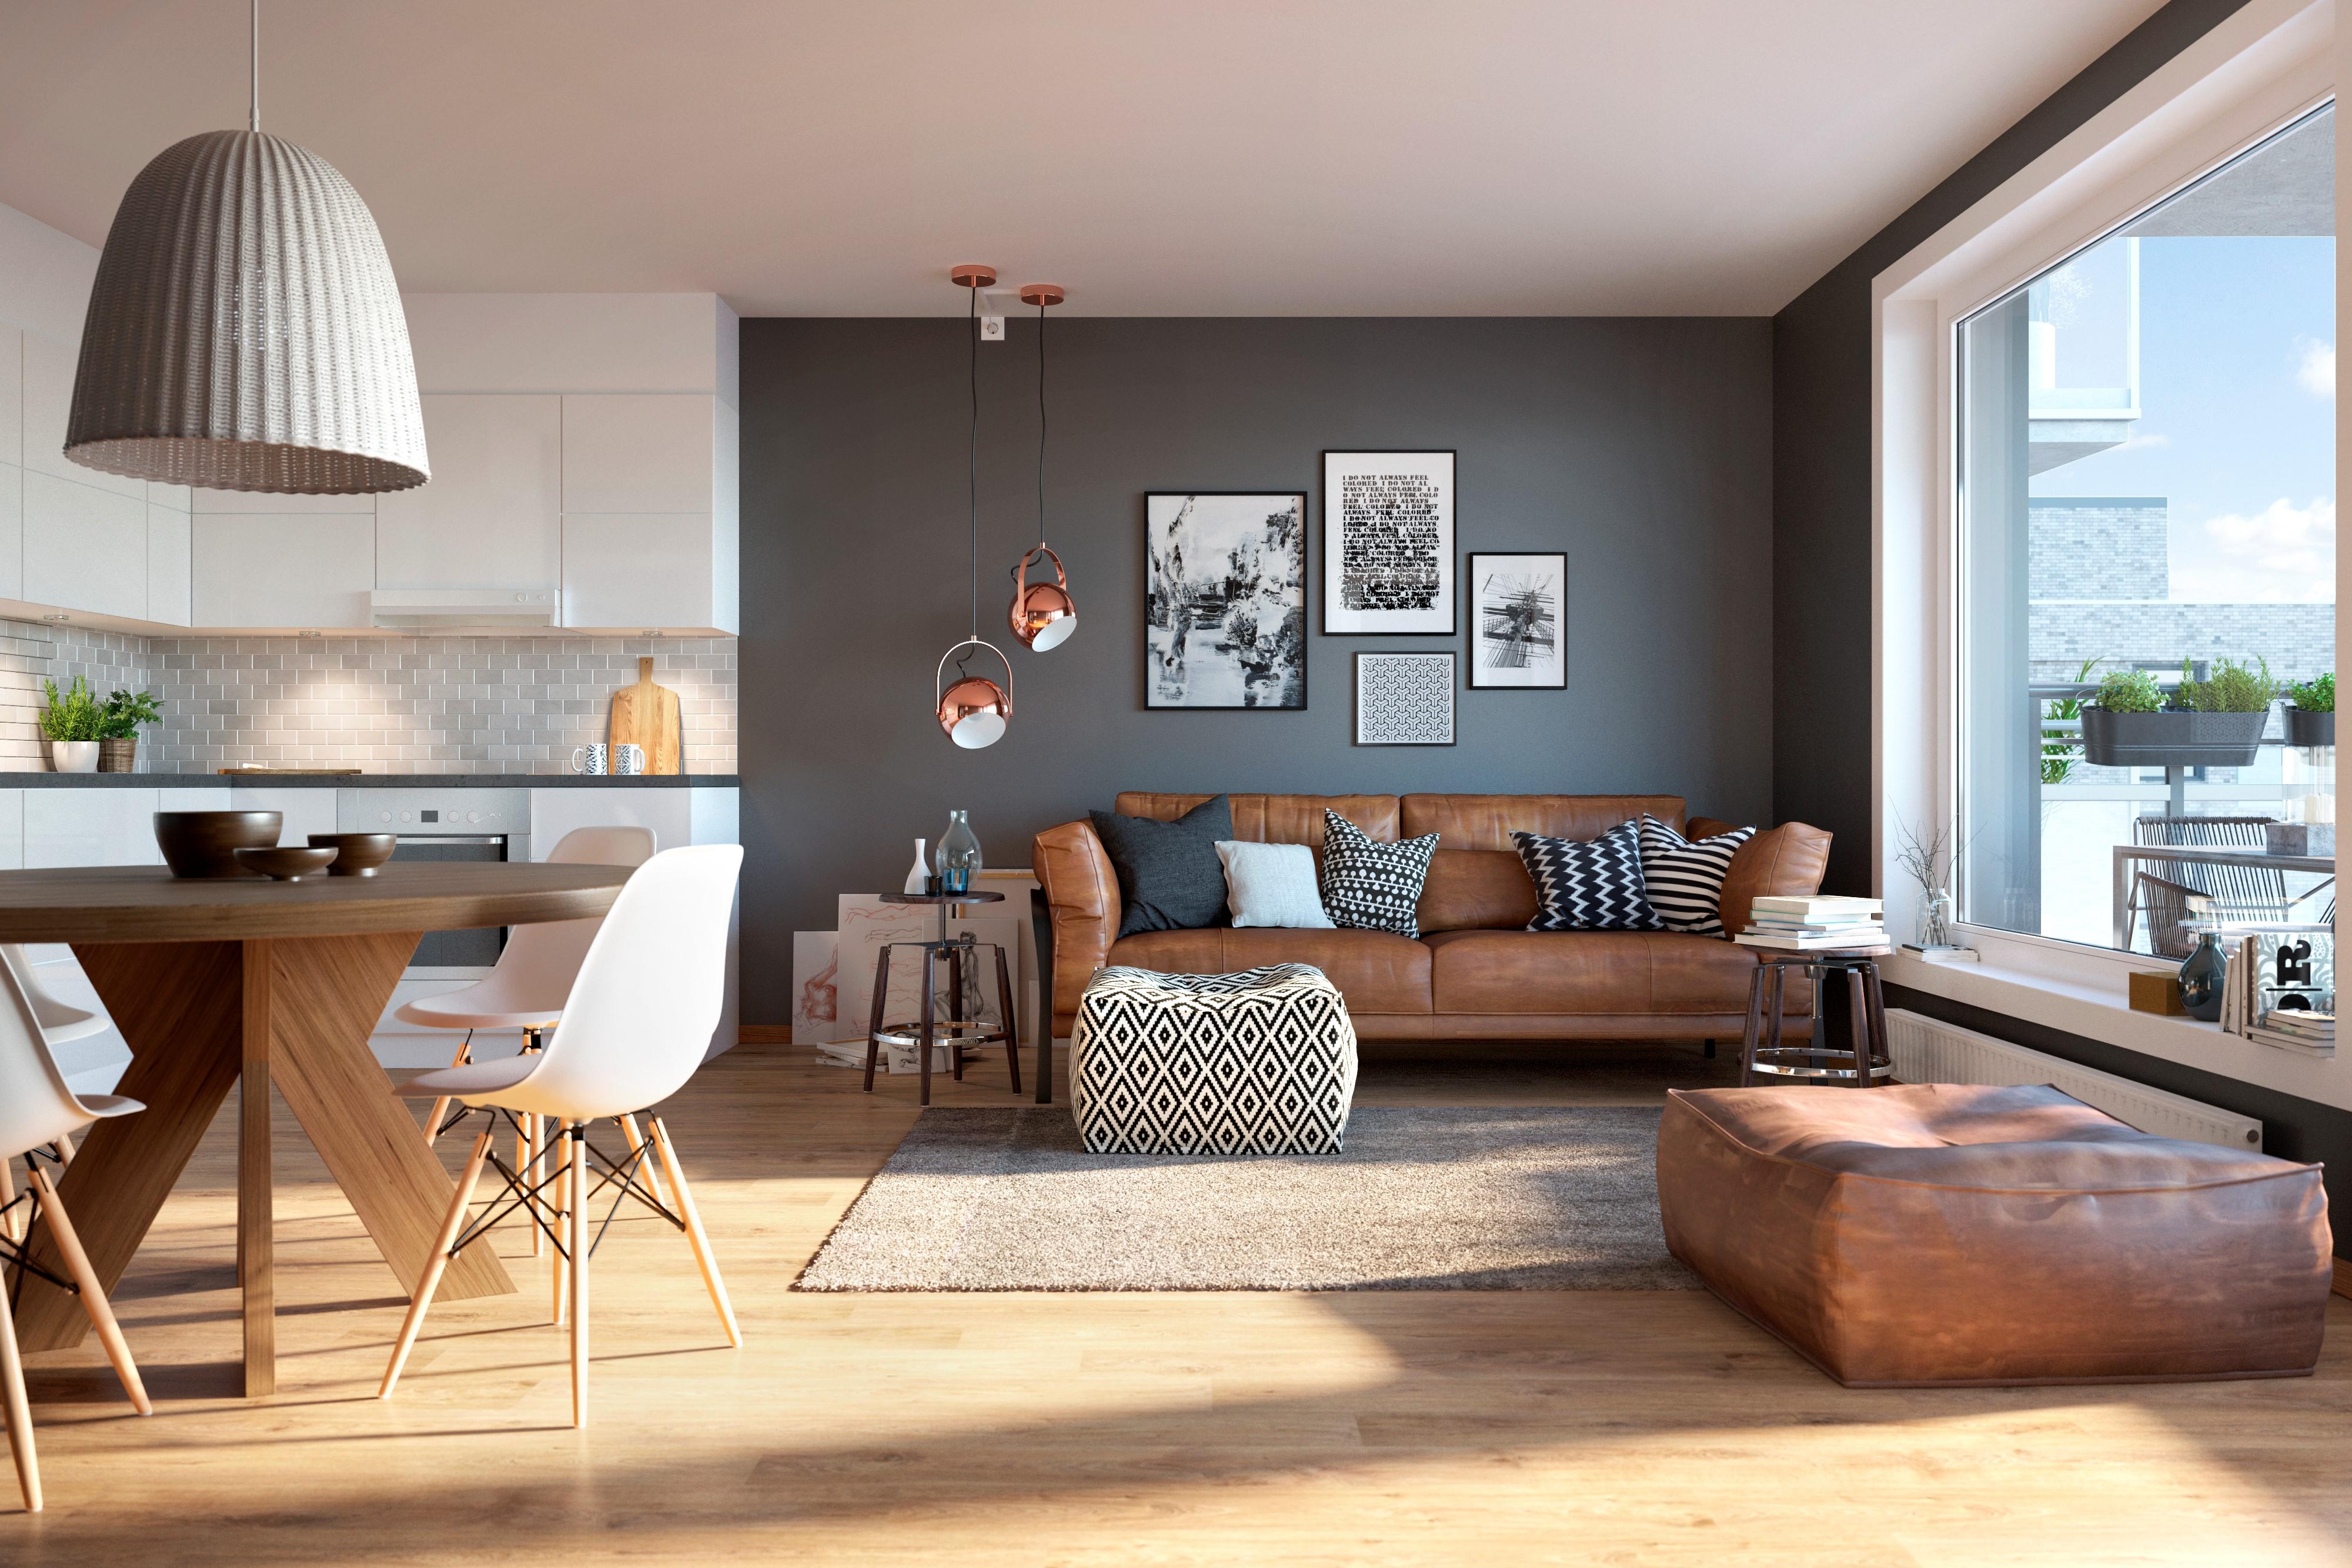 Enorm Innredningstips for små leiligheter | Selvaag Bolig QH-08